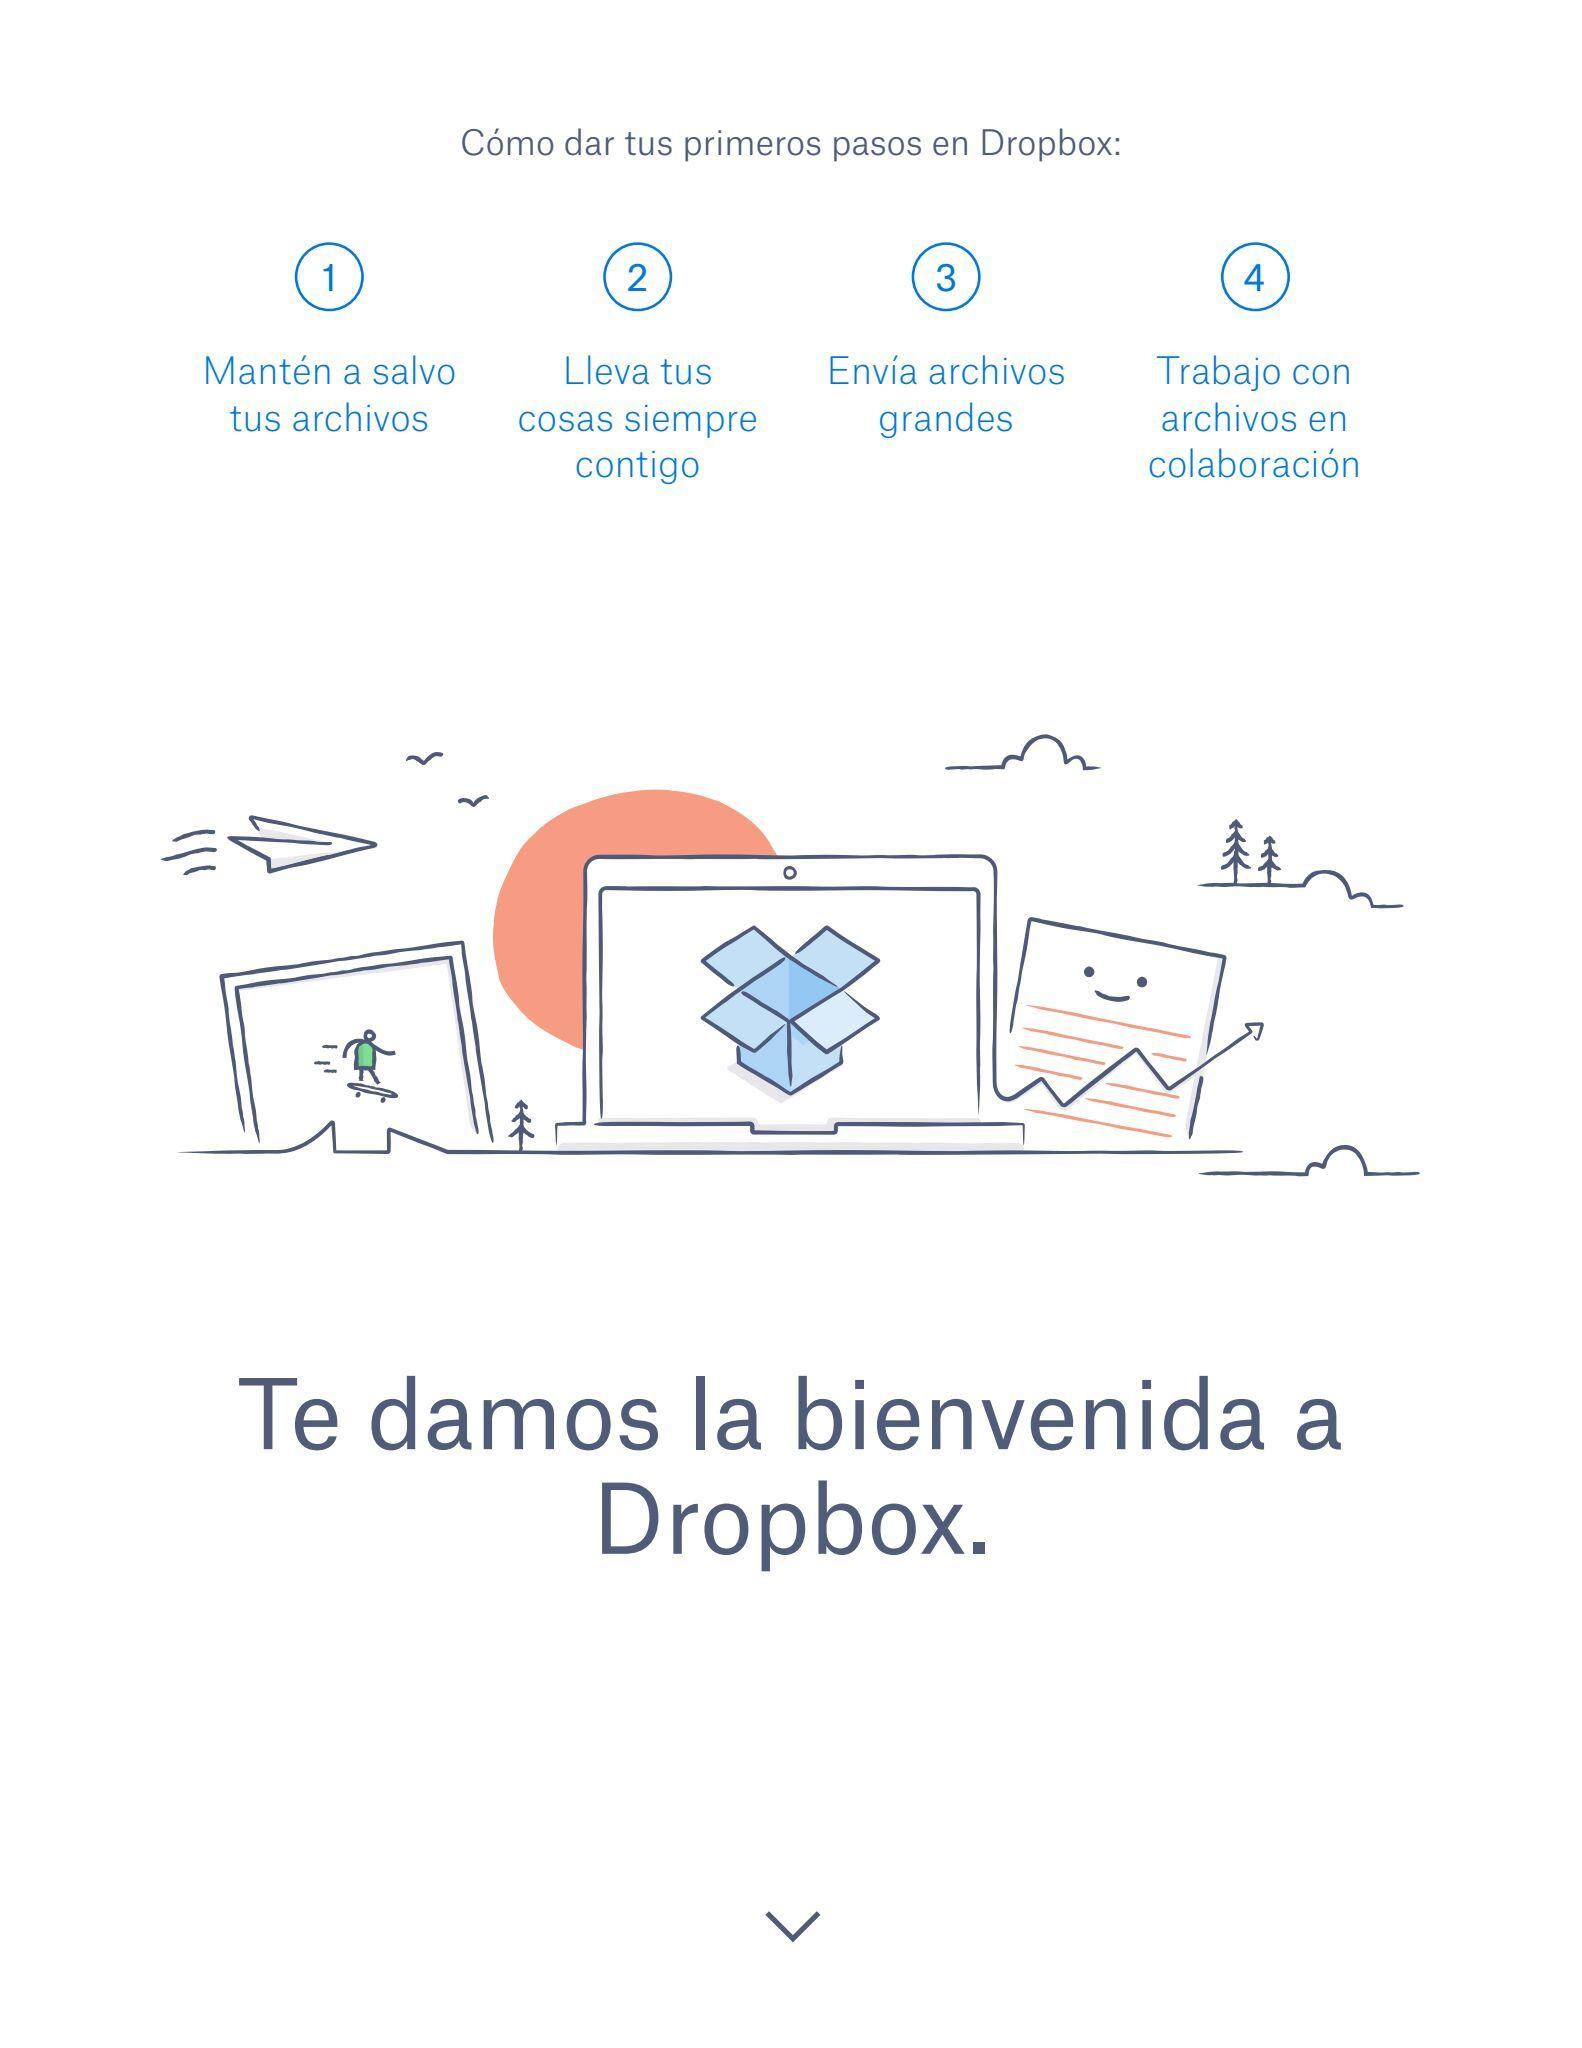 Dropbox - Primeros pasos con Dropbox.pdf